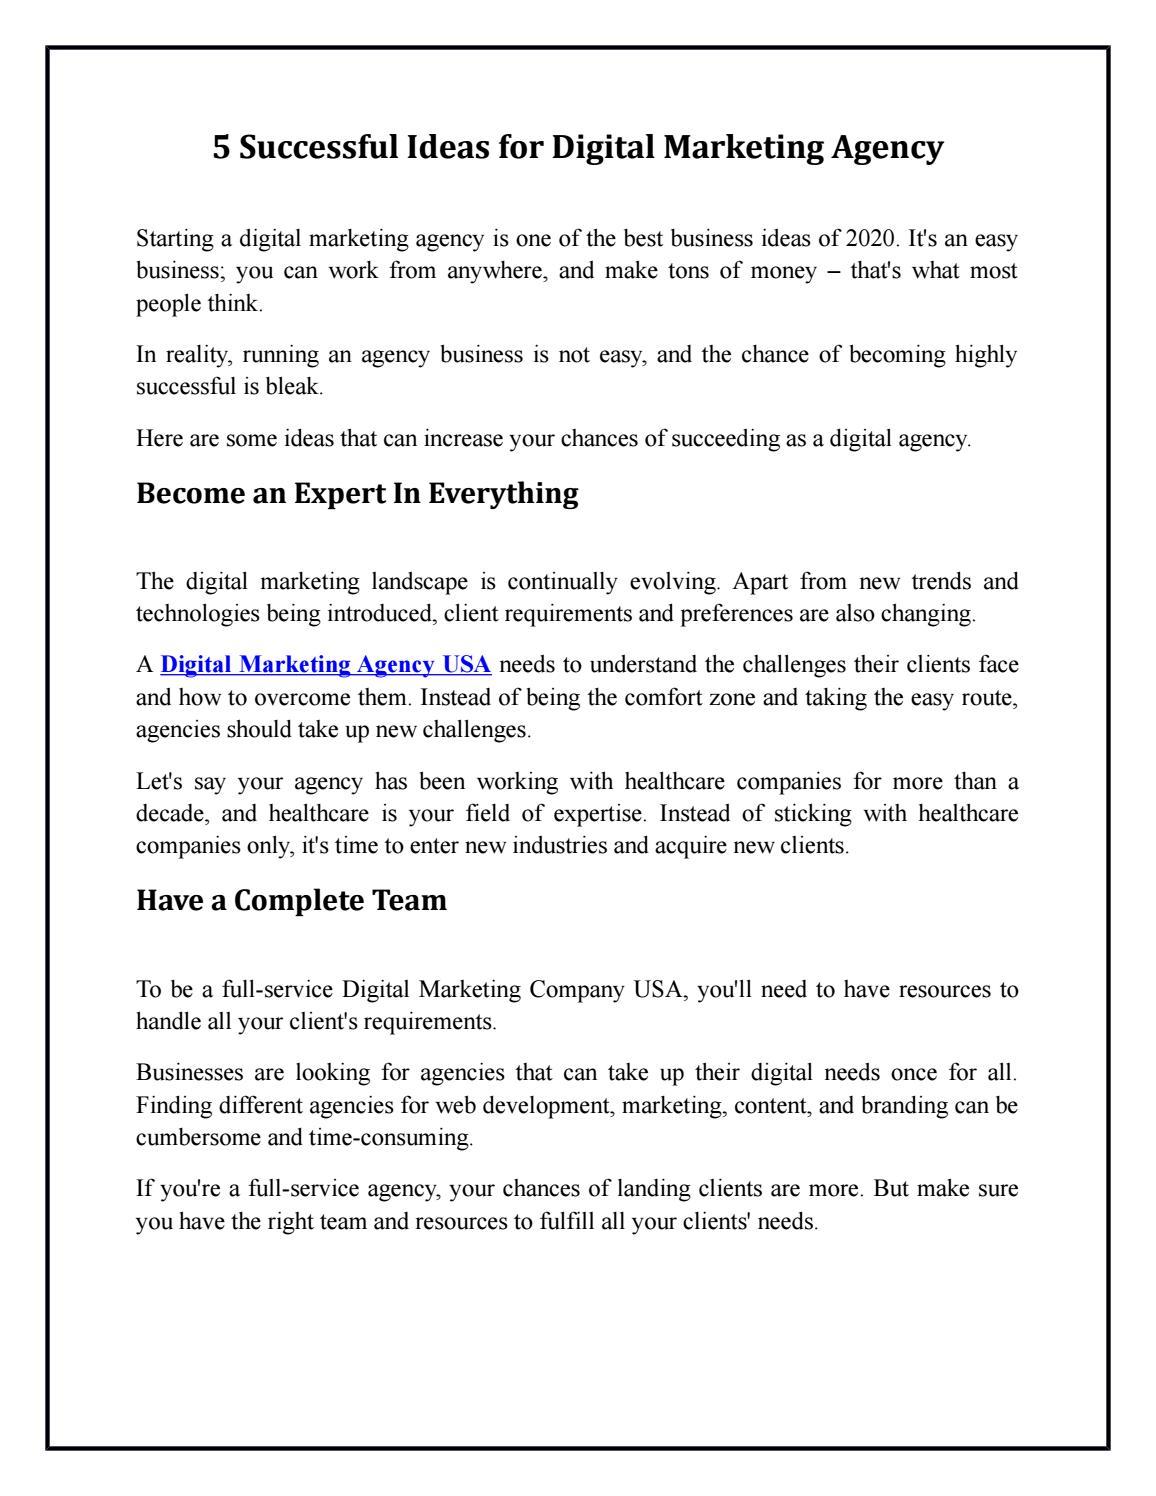 5 Successful Ideas for Digital Marketing Agency